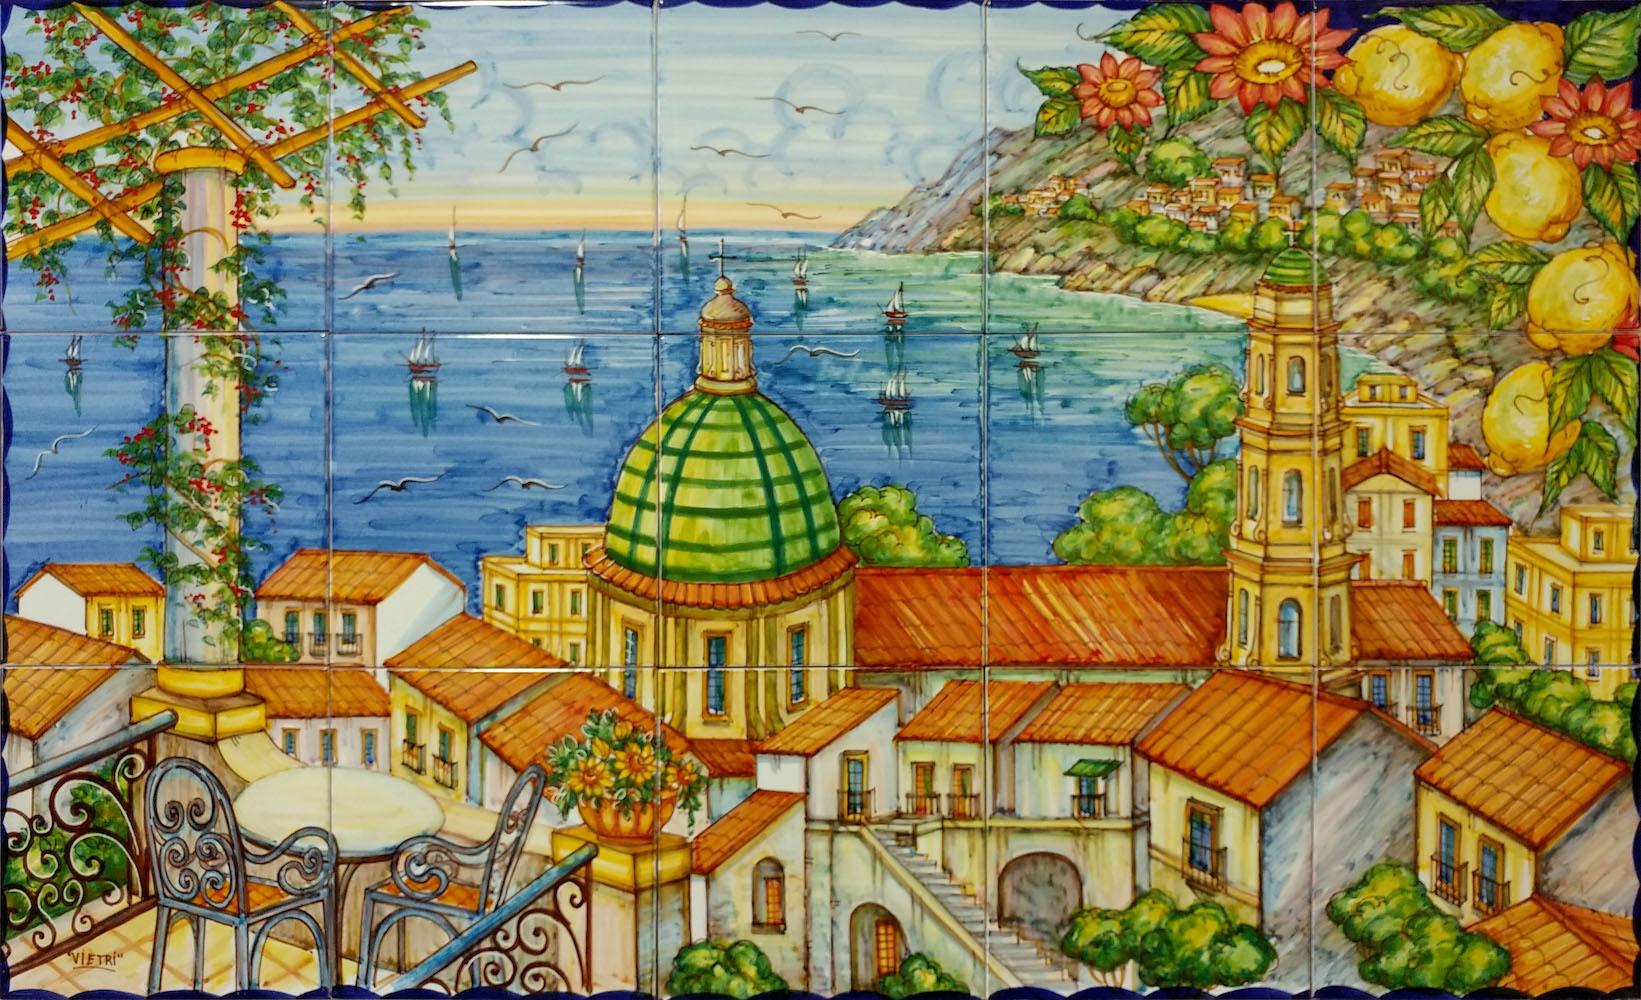 Pannello Artistico Vietri sul Mare 100x60 cm Ceramiche